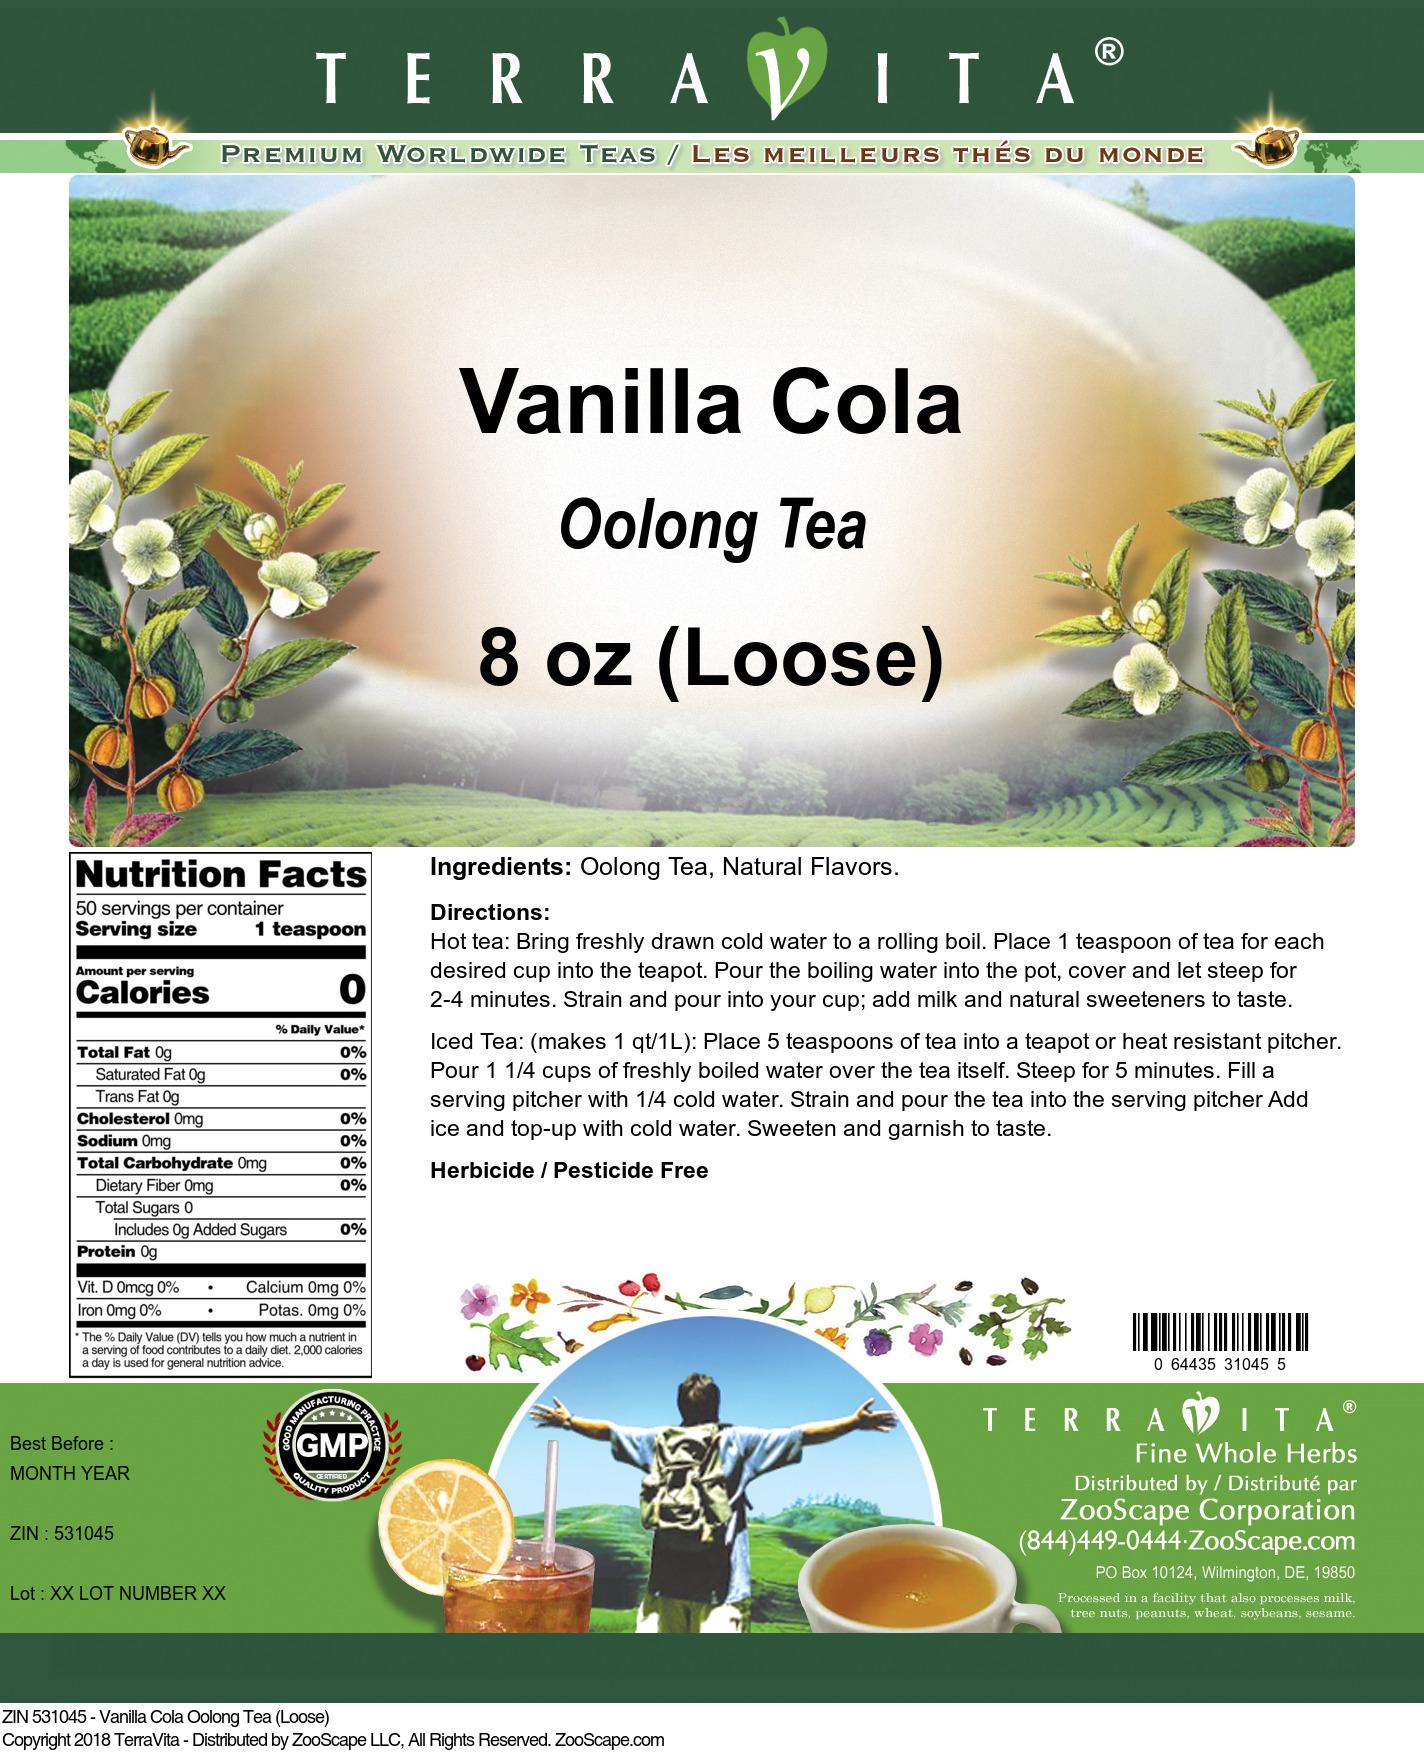 Vanilla Cola Oolong Tea (Loose)